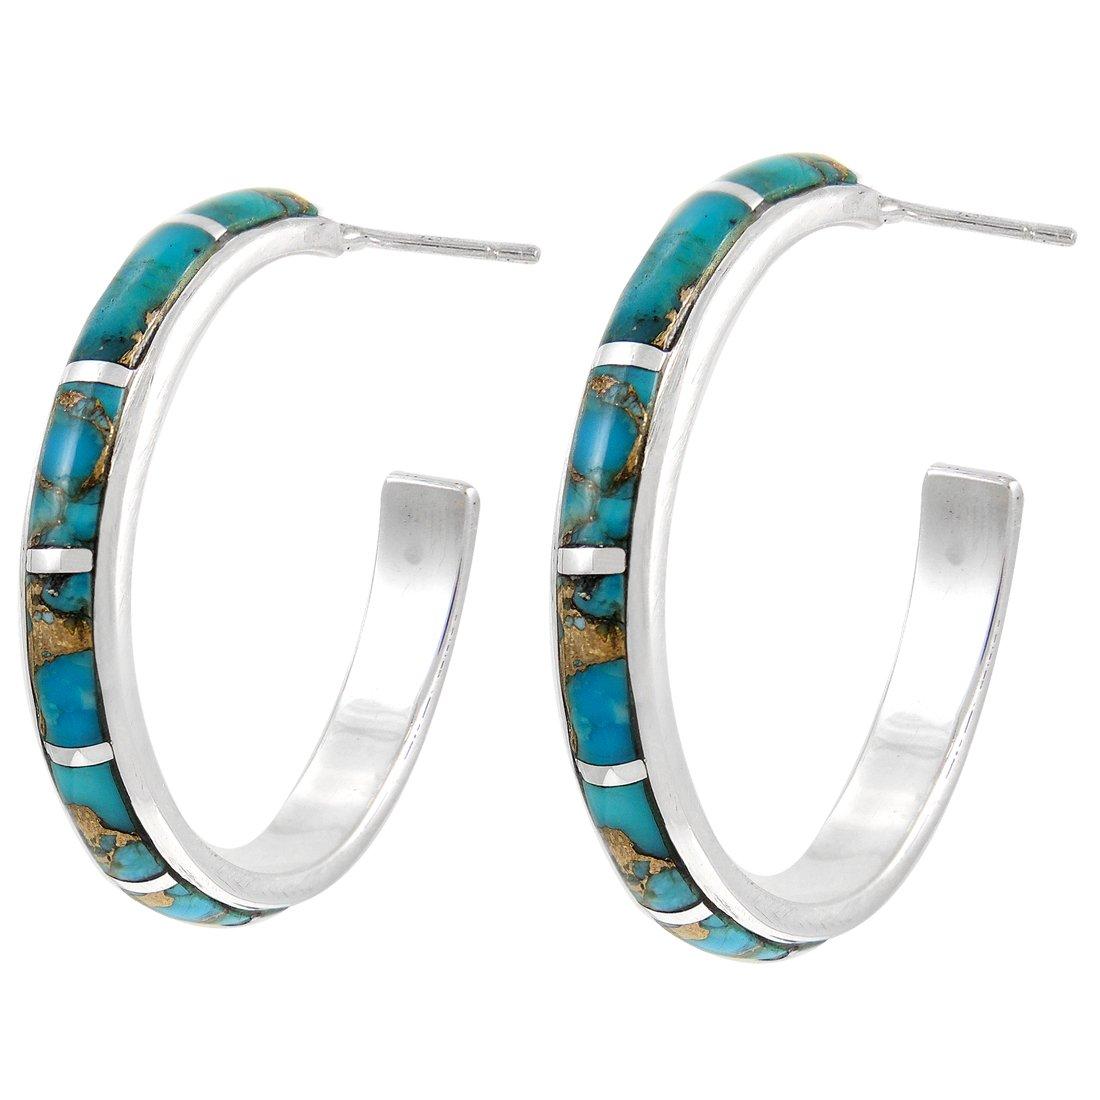 Hoop Turquoise Earrings Sterling Silver 925 Genuine Turquoise & Gemstones (Teal/Matrix)